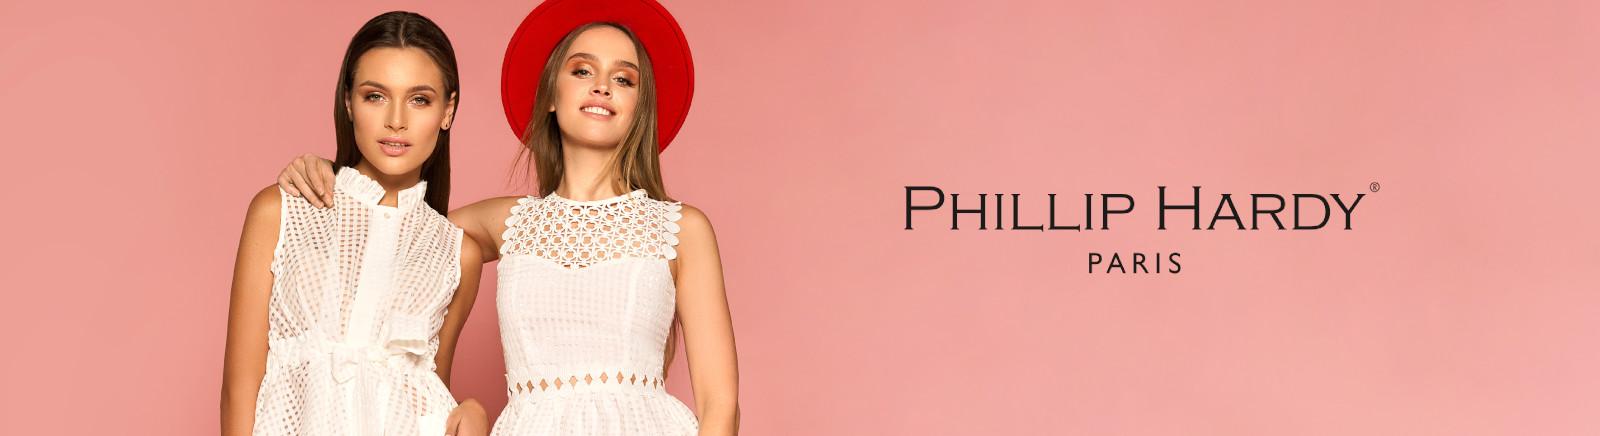 Phillip Hardy Schuhe aus Paris online kaufen bei Prange Schuhe